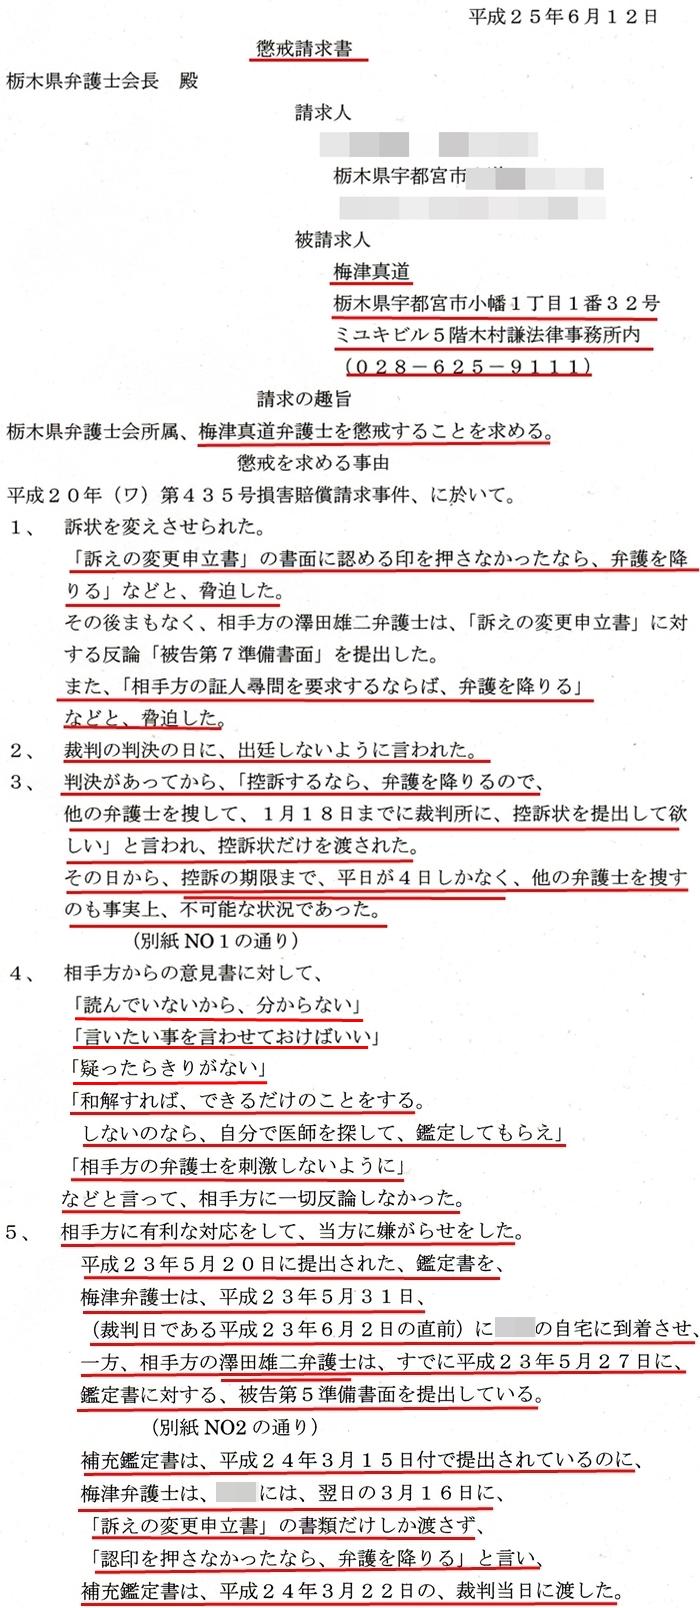 梅津真道・木村謙弁護士・澤田雄二-vert